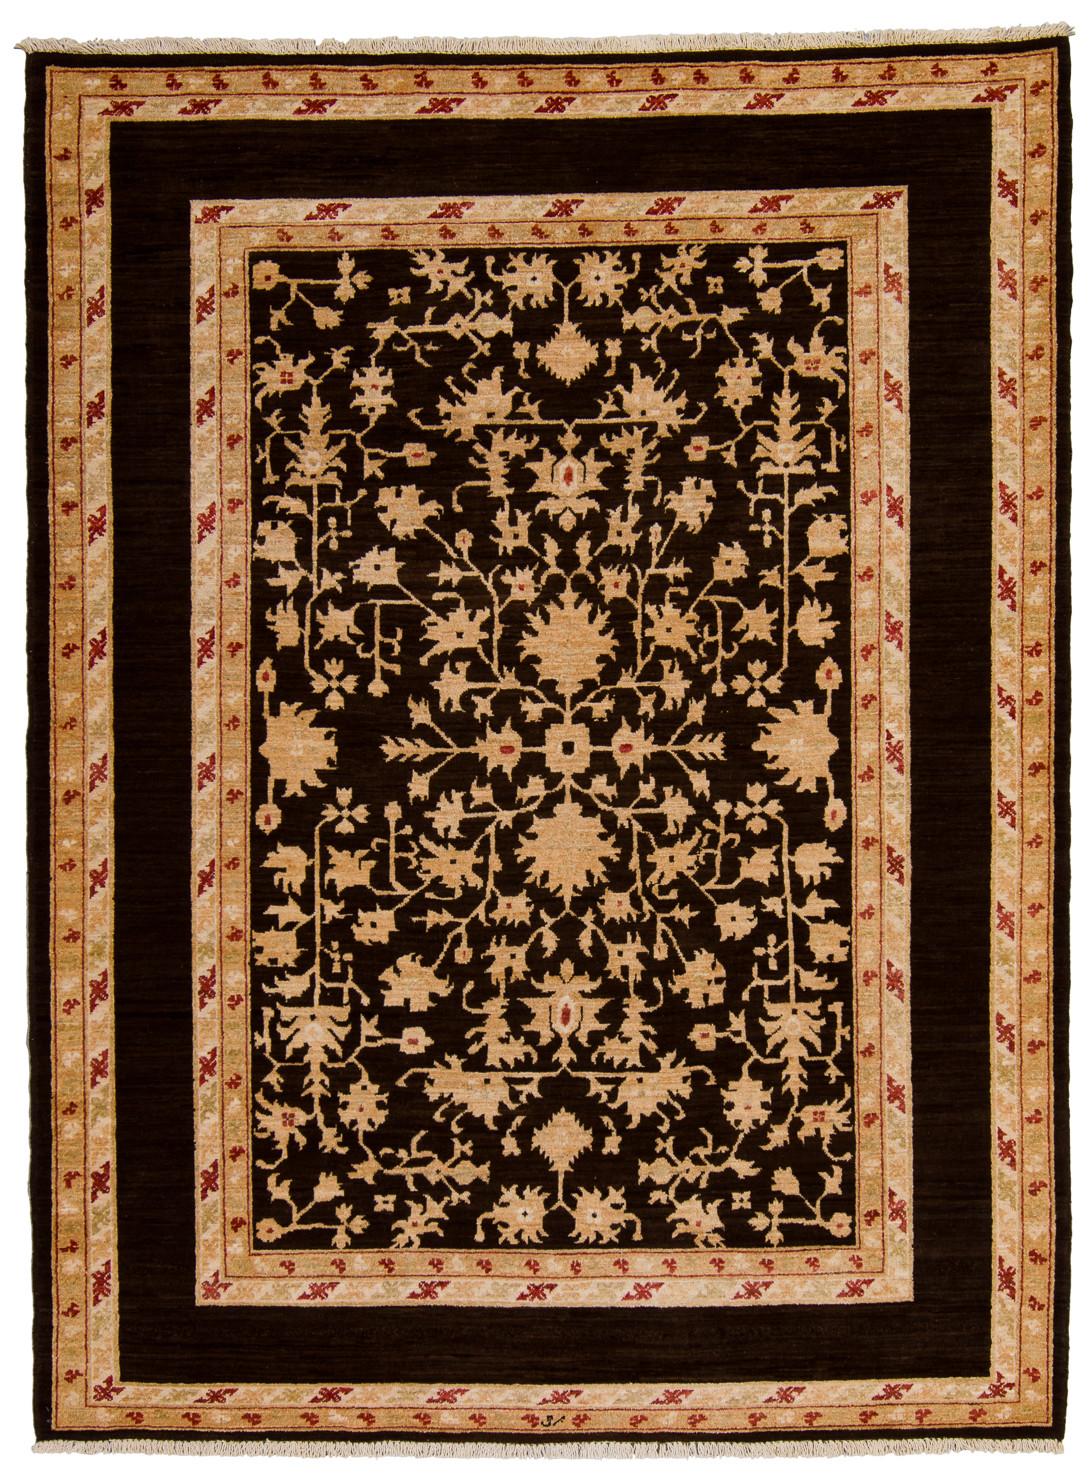 Dehbaf matta av växtfärgade garner med enfärgad brunsvart huvudbård med vackert innerparti gyllene nyanser